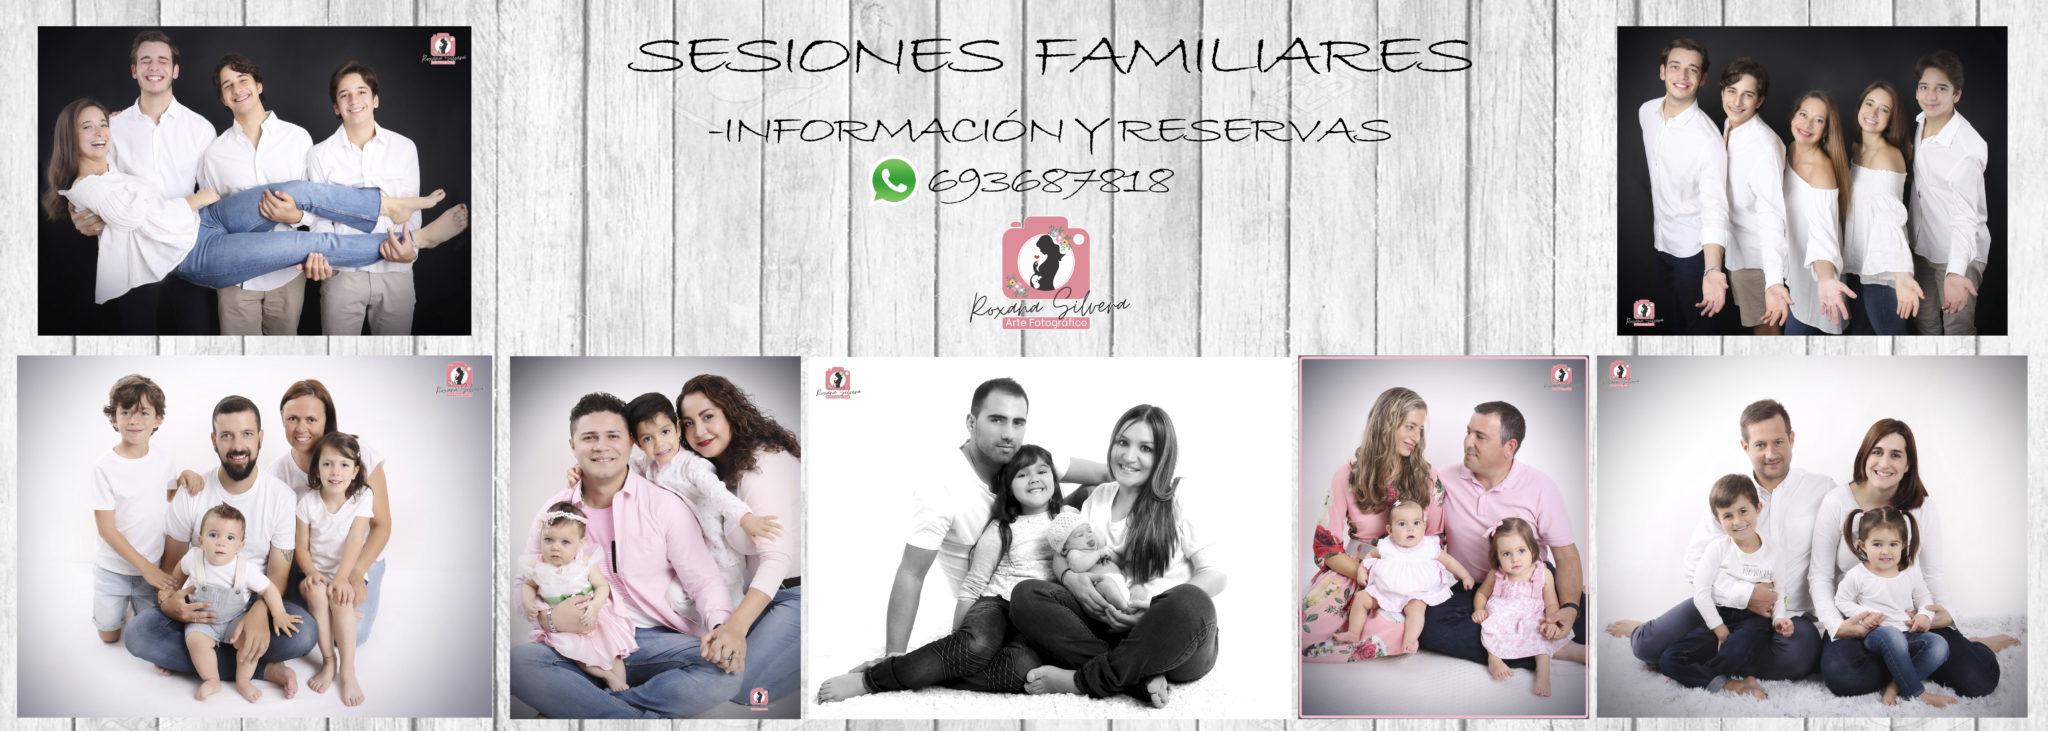 SESIONES FAMILIARES